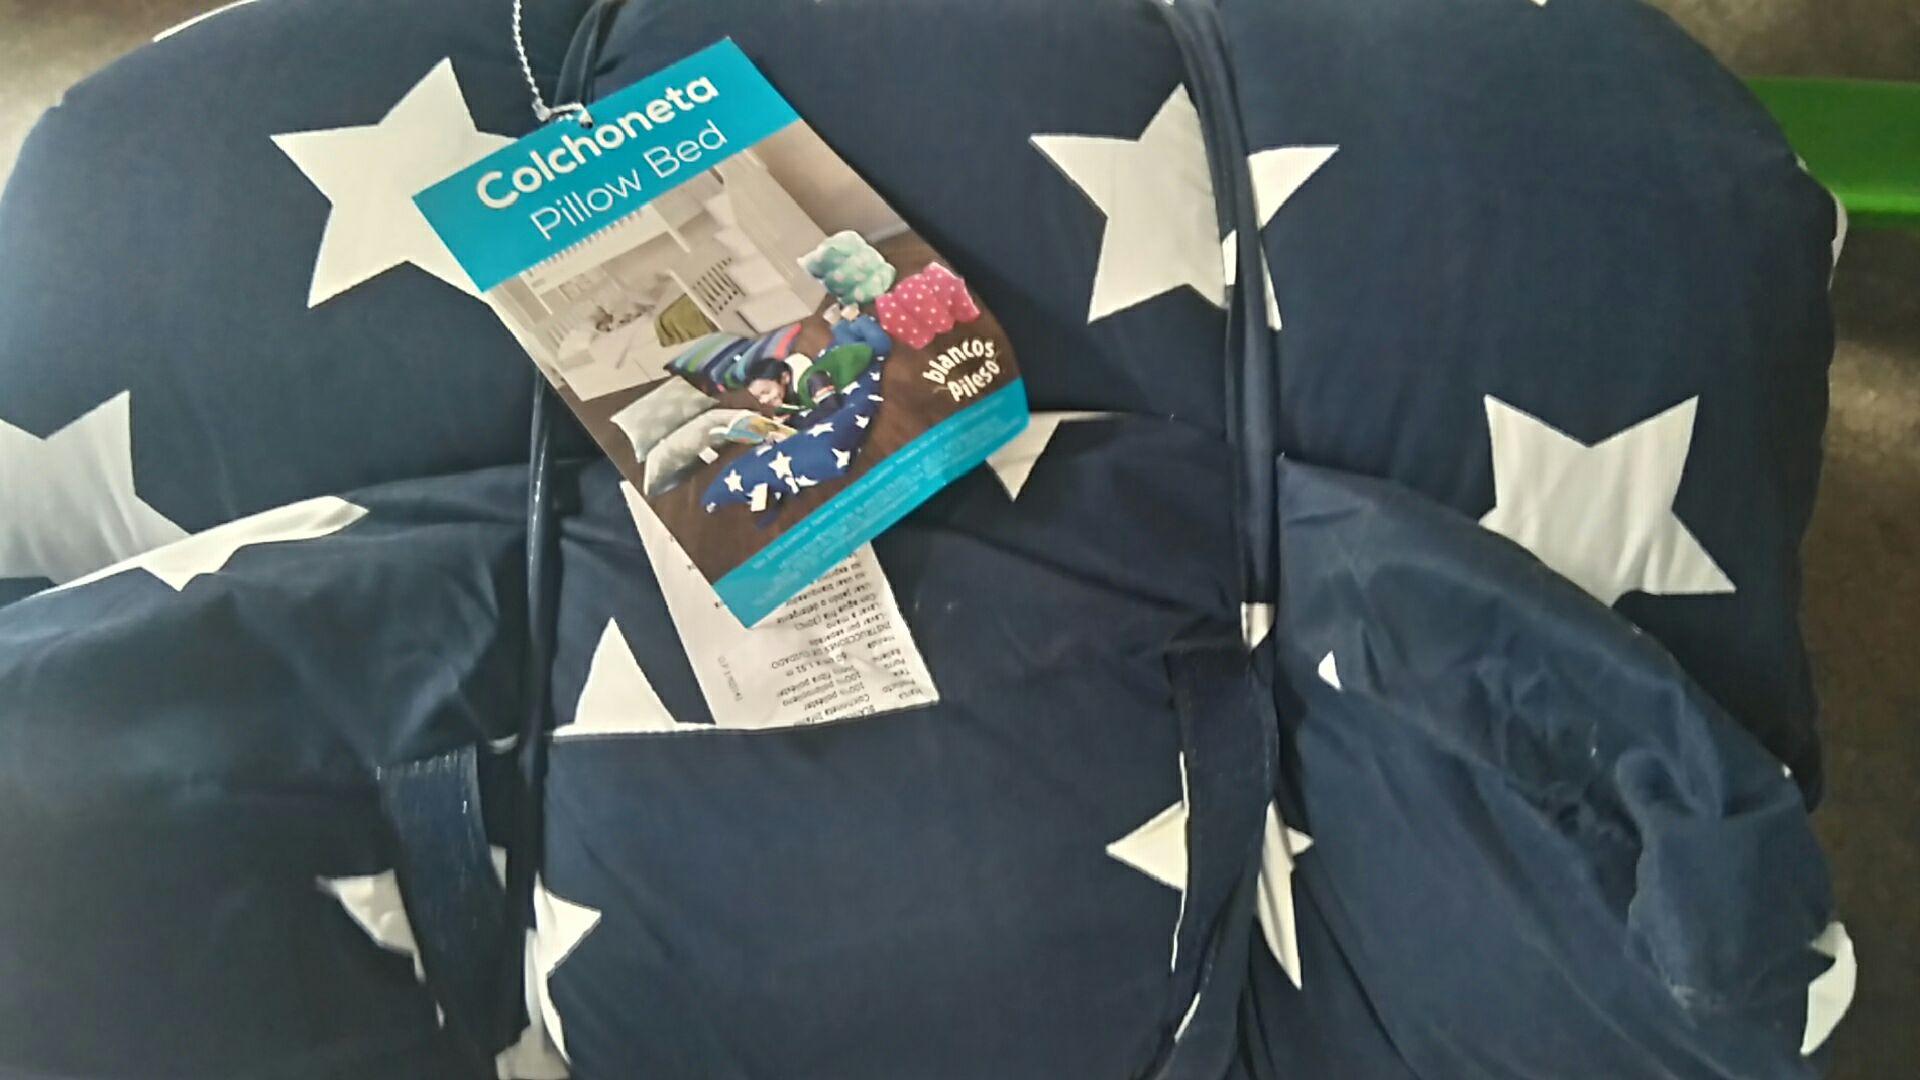 Walmart: liquidaciones de colchoneta, artículos de papelería y ropa